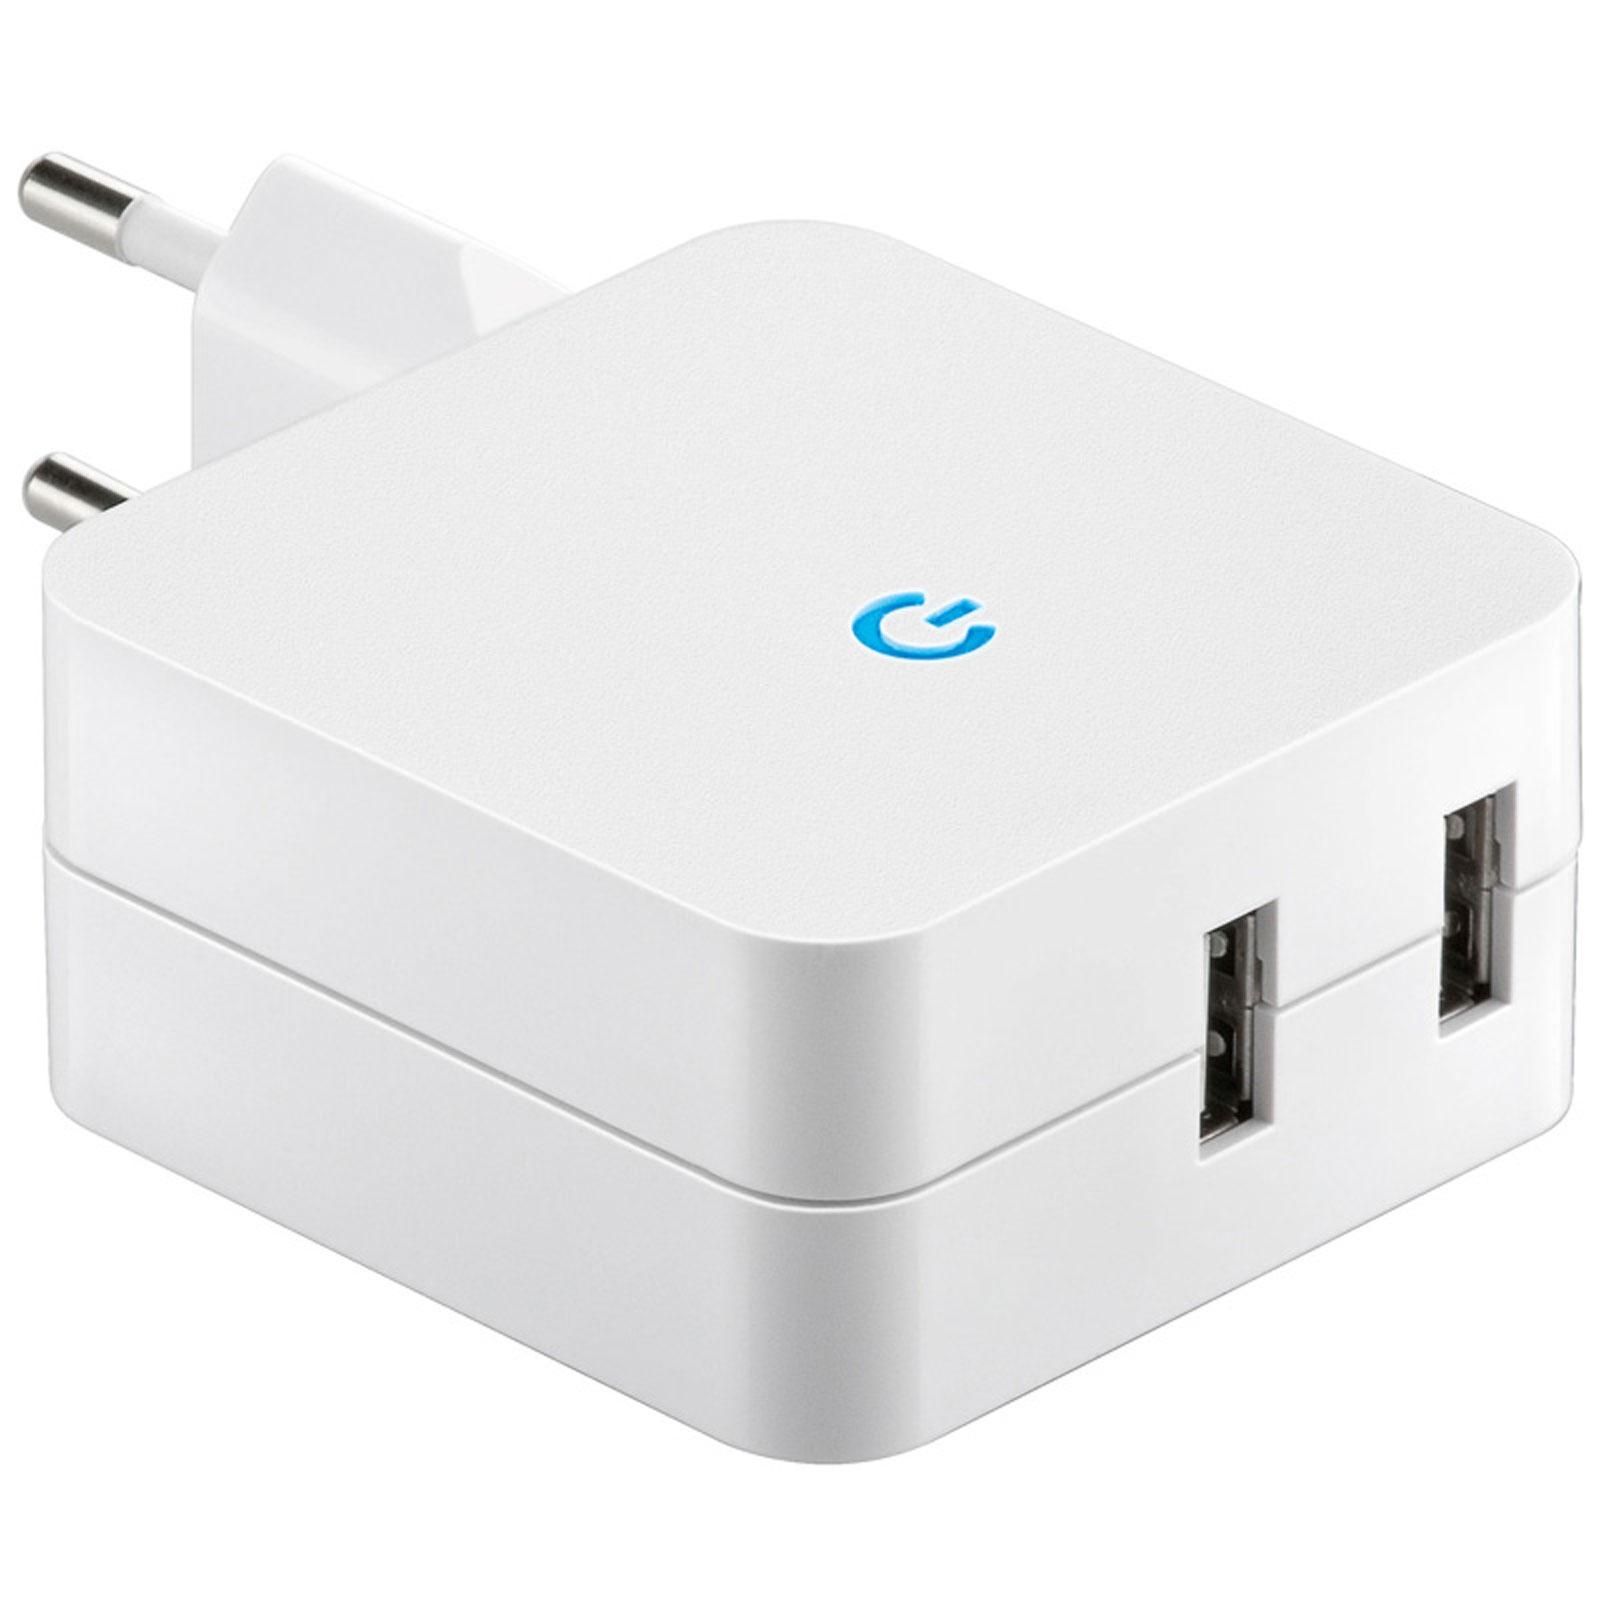 USB Chargeur secteur double USB (4.2 A) Chargeur secteur double USB (4.2 A)